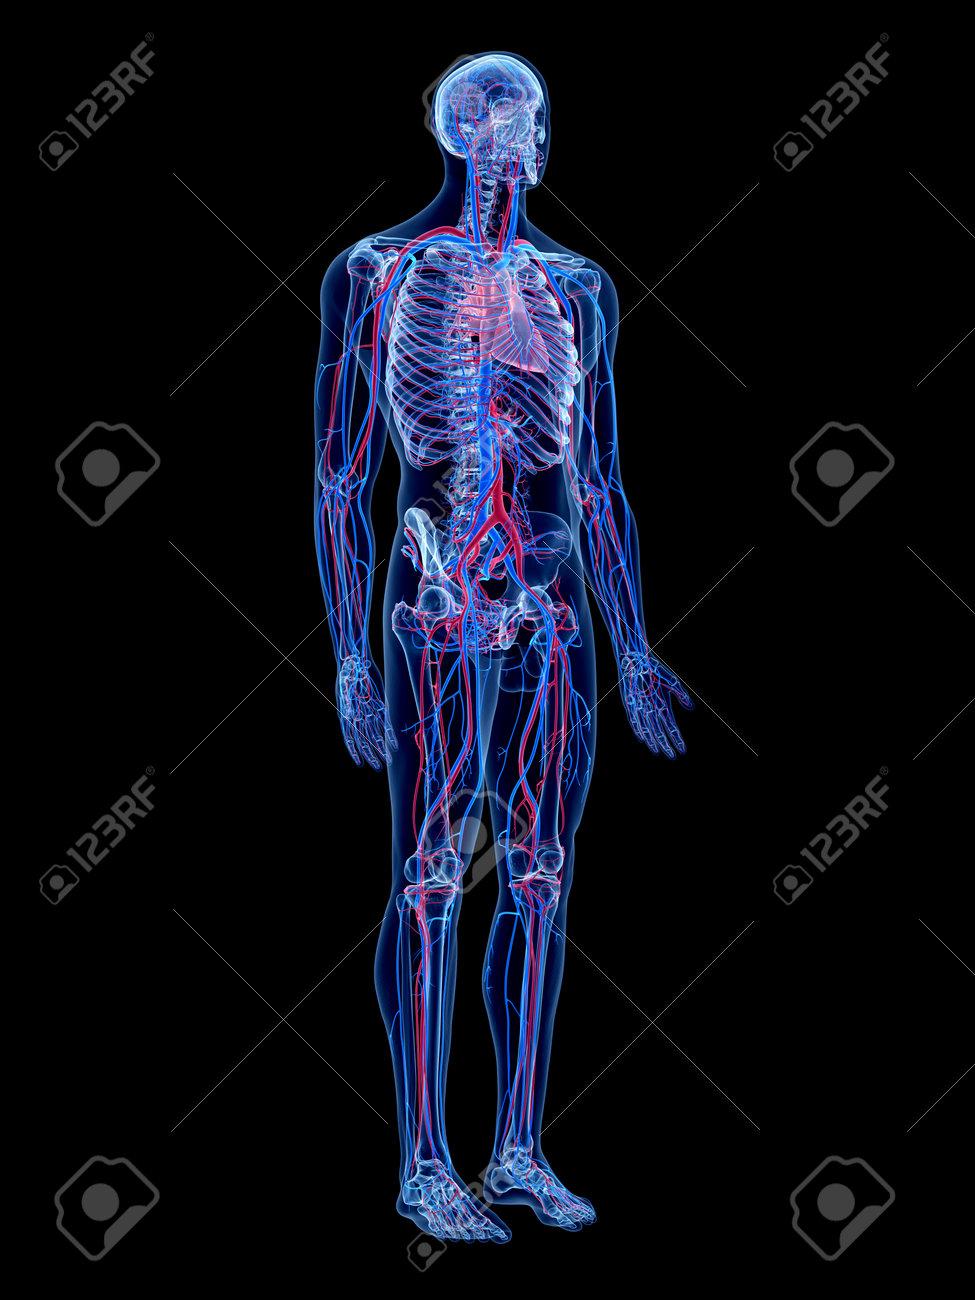 Das Menschliche Gefäßsystem Lizenzfreie Fotos, Bilder Und Stock ...